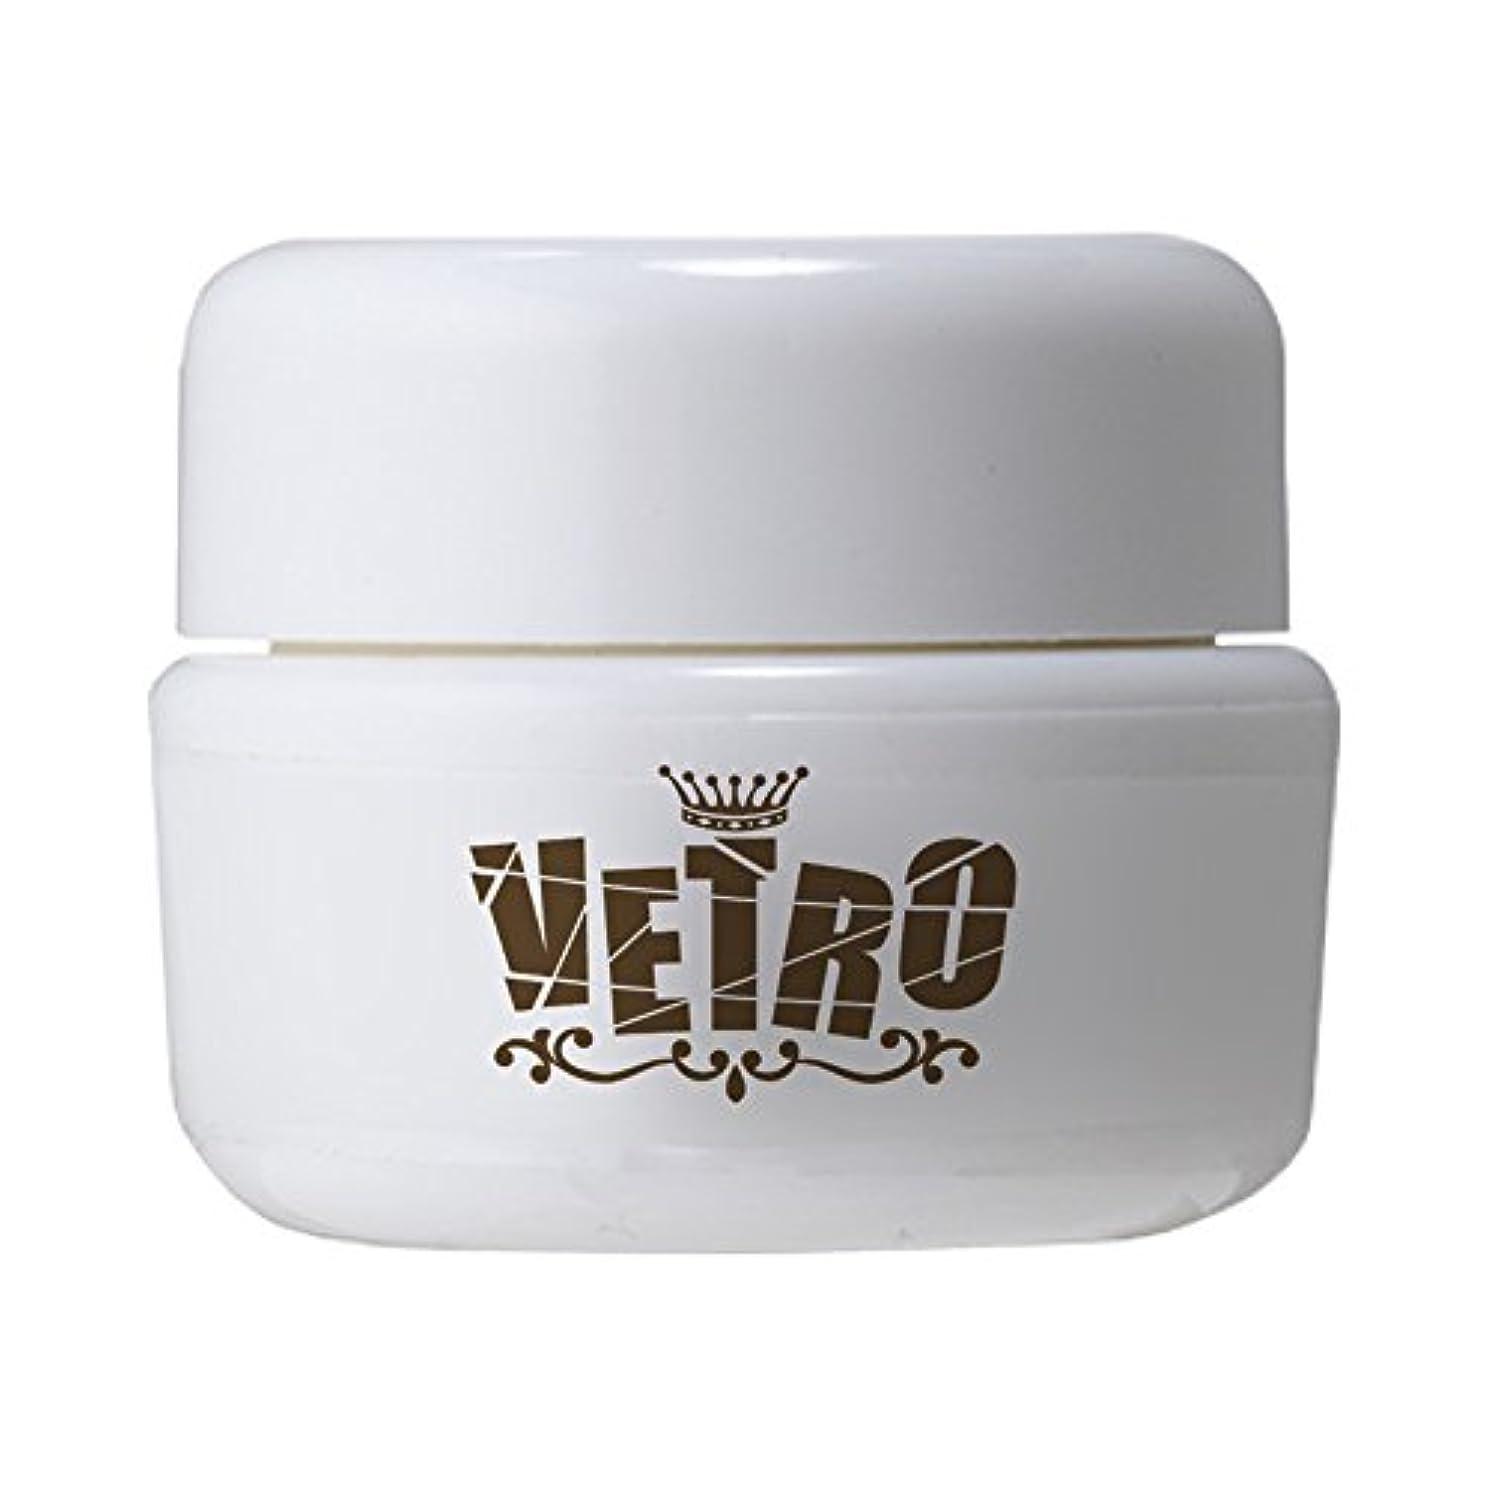 対抗シャンパン保育園VETRO No.19 カラージェル マット VL322 ラゲージ 4ml